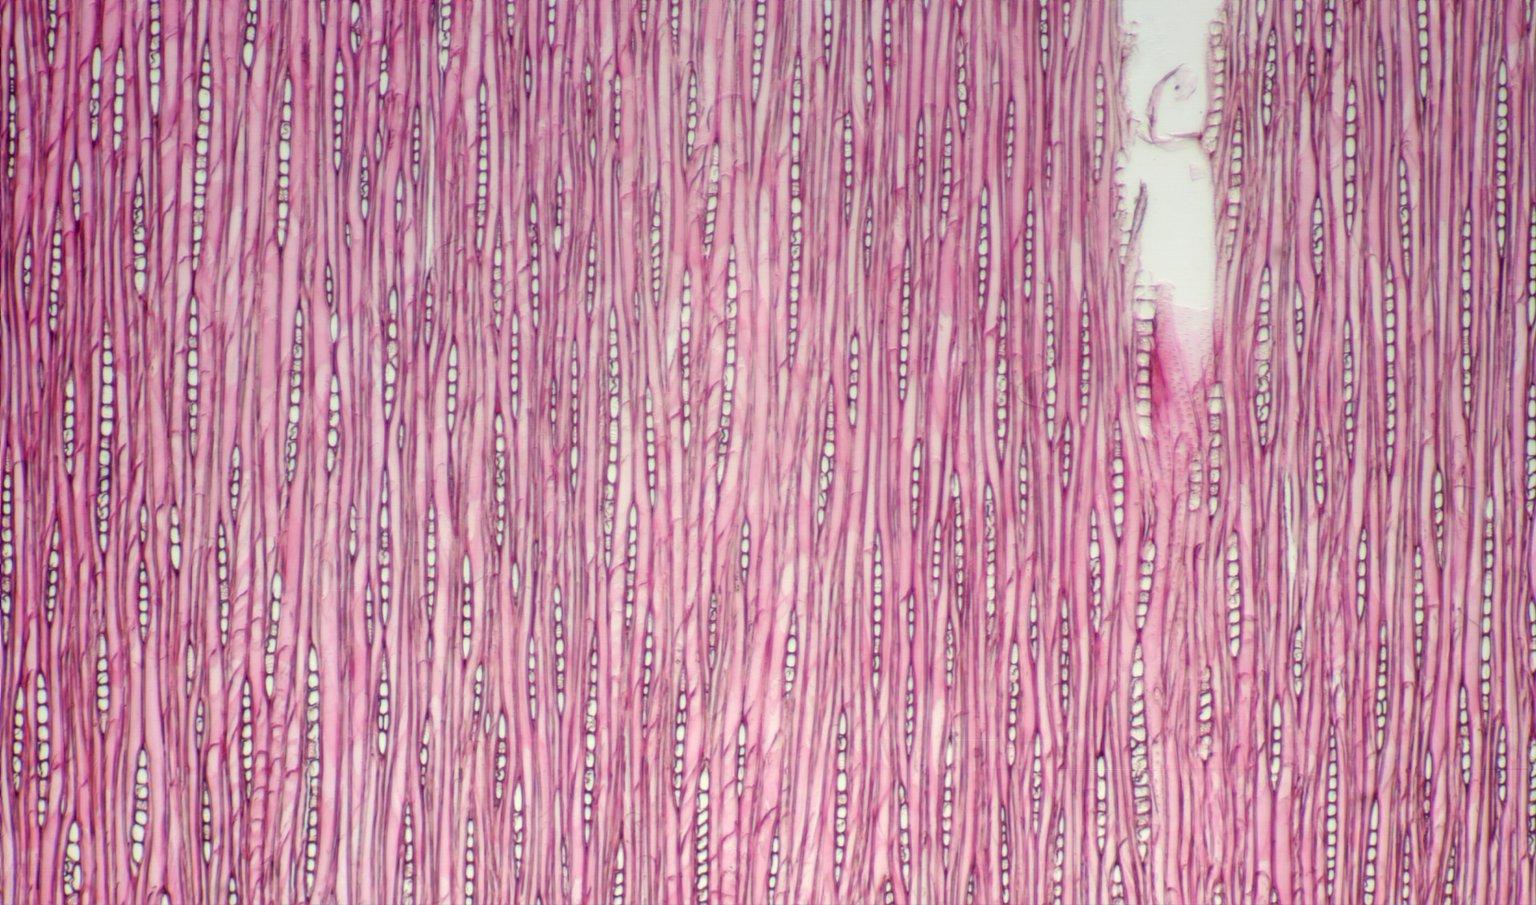 CALOPHYLLACEAE Calophyllum wallichianum